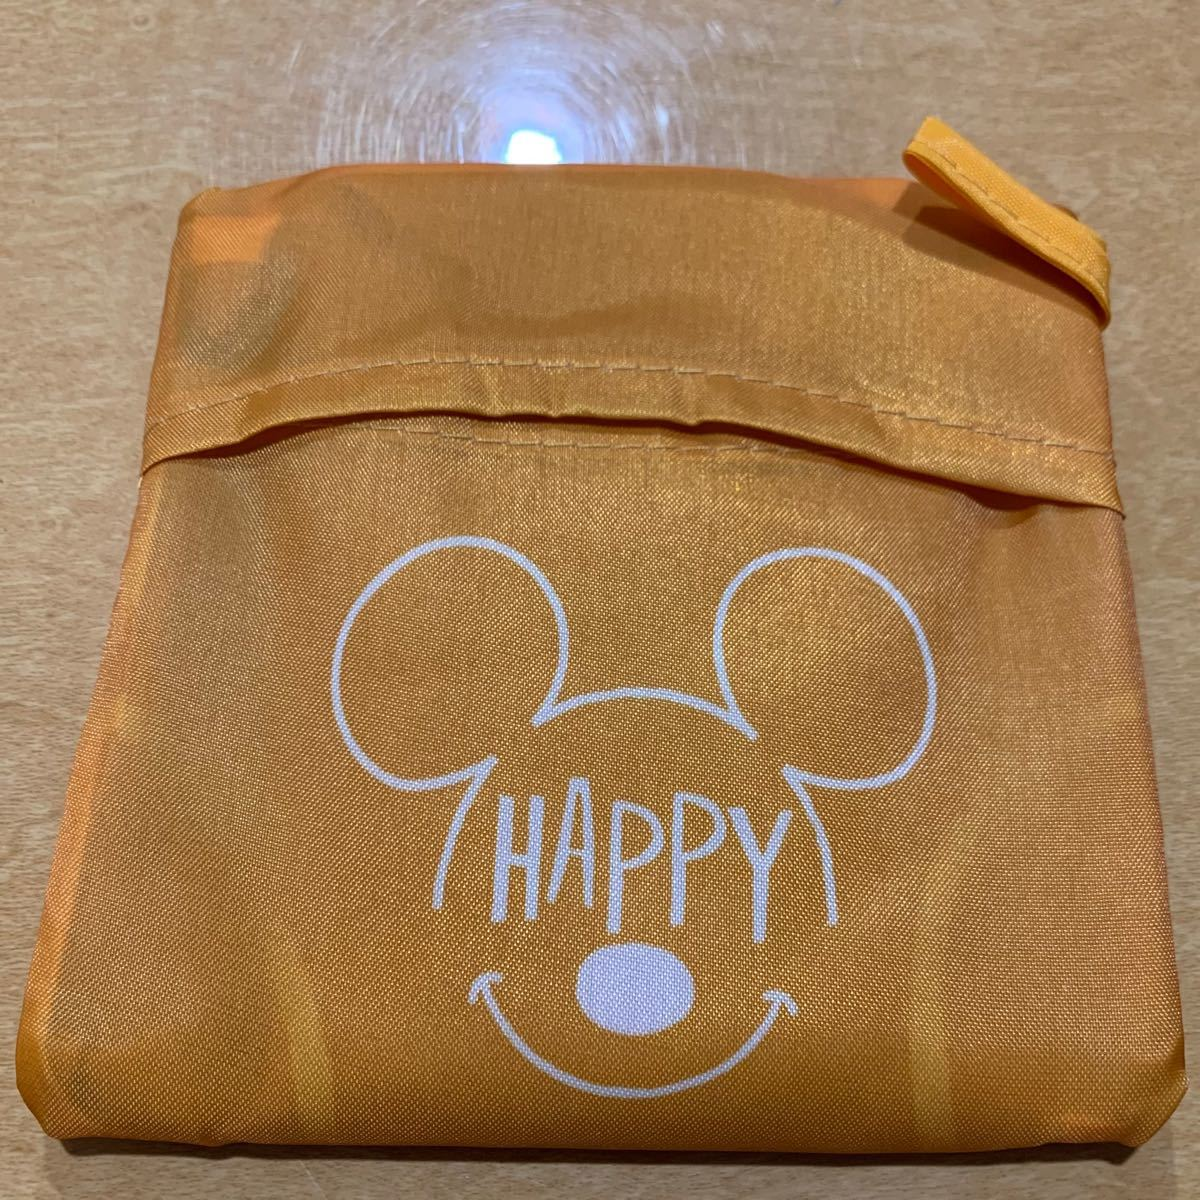 エコバッグ ディズニー ミッキー プーさん 折りたたみバッグ お得な3点セット トートバッグ